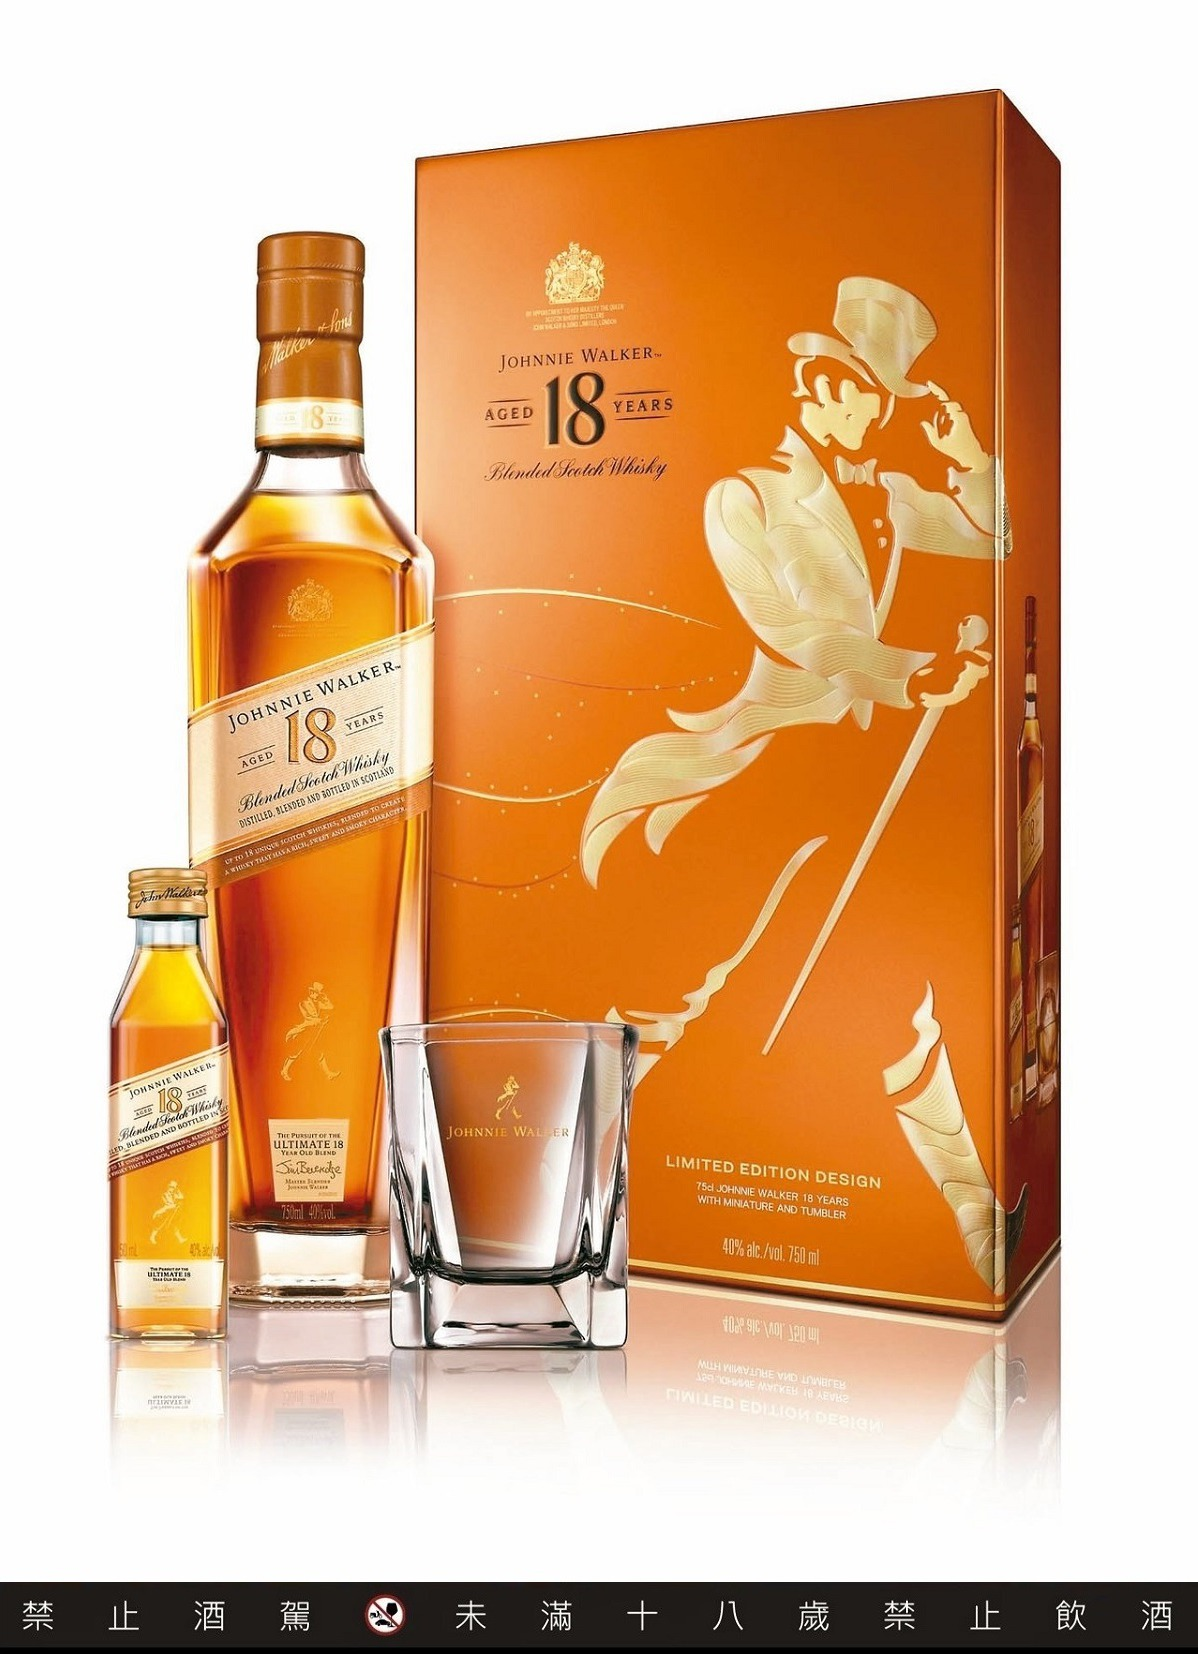 JOHNNIE WALKER 18年蘇格蘭威士忌禮盒,建議售價1,980元。圖/...